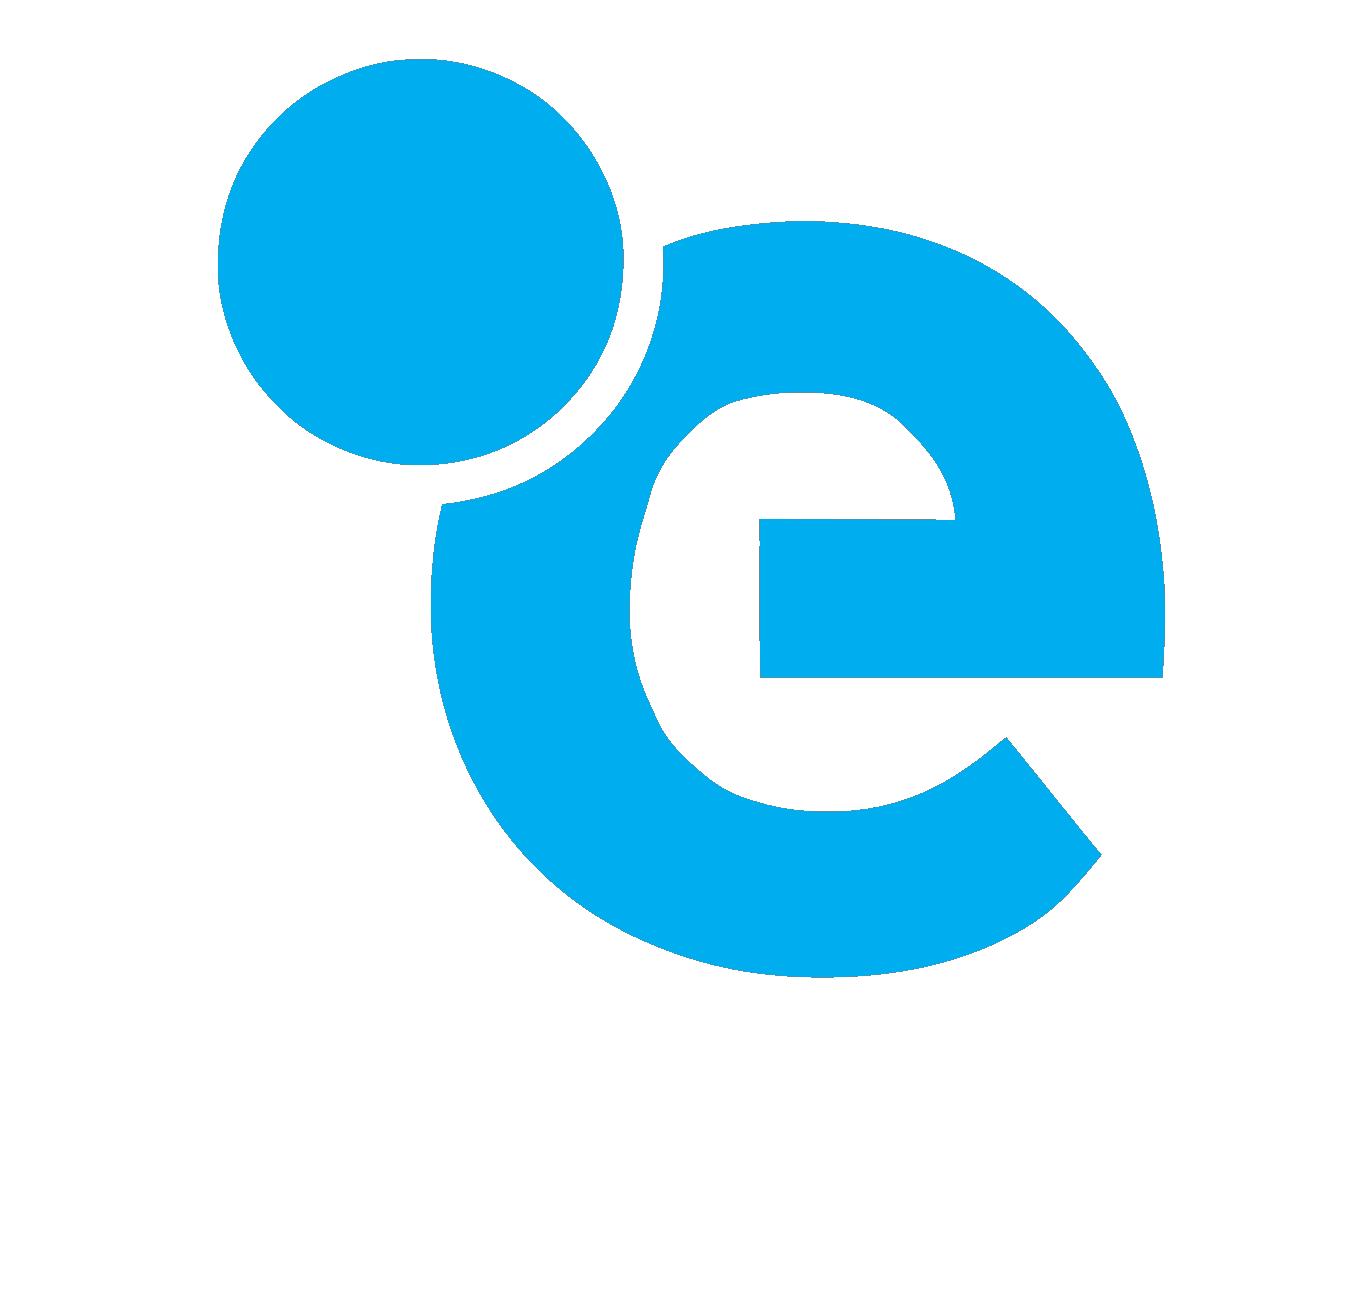 ems logo blue